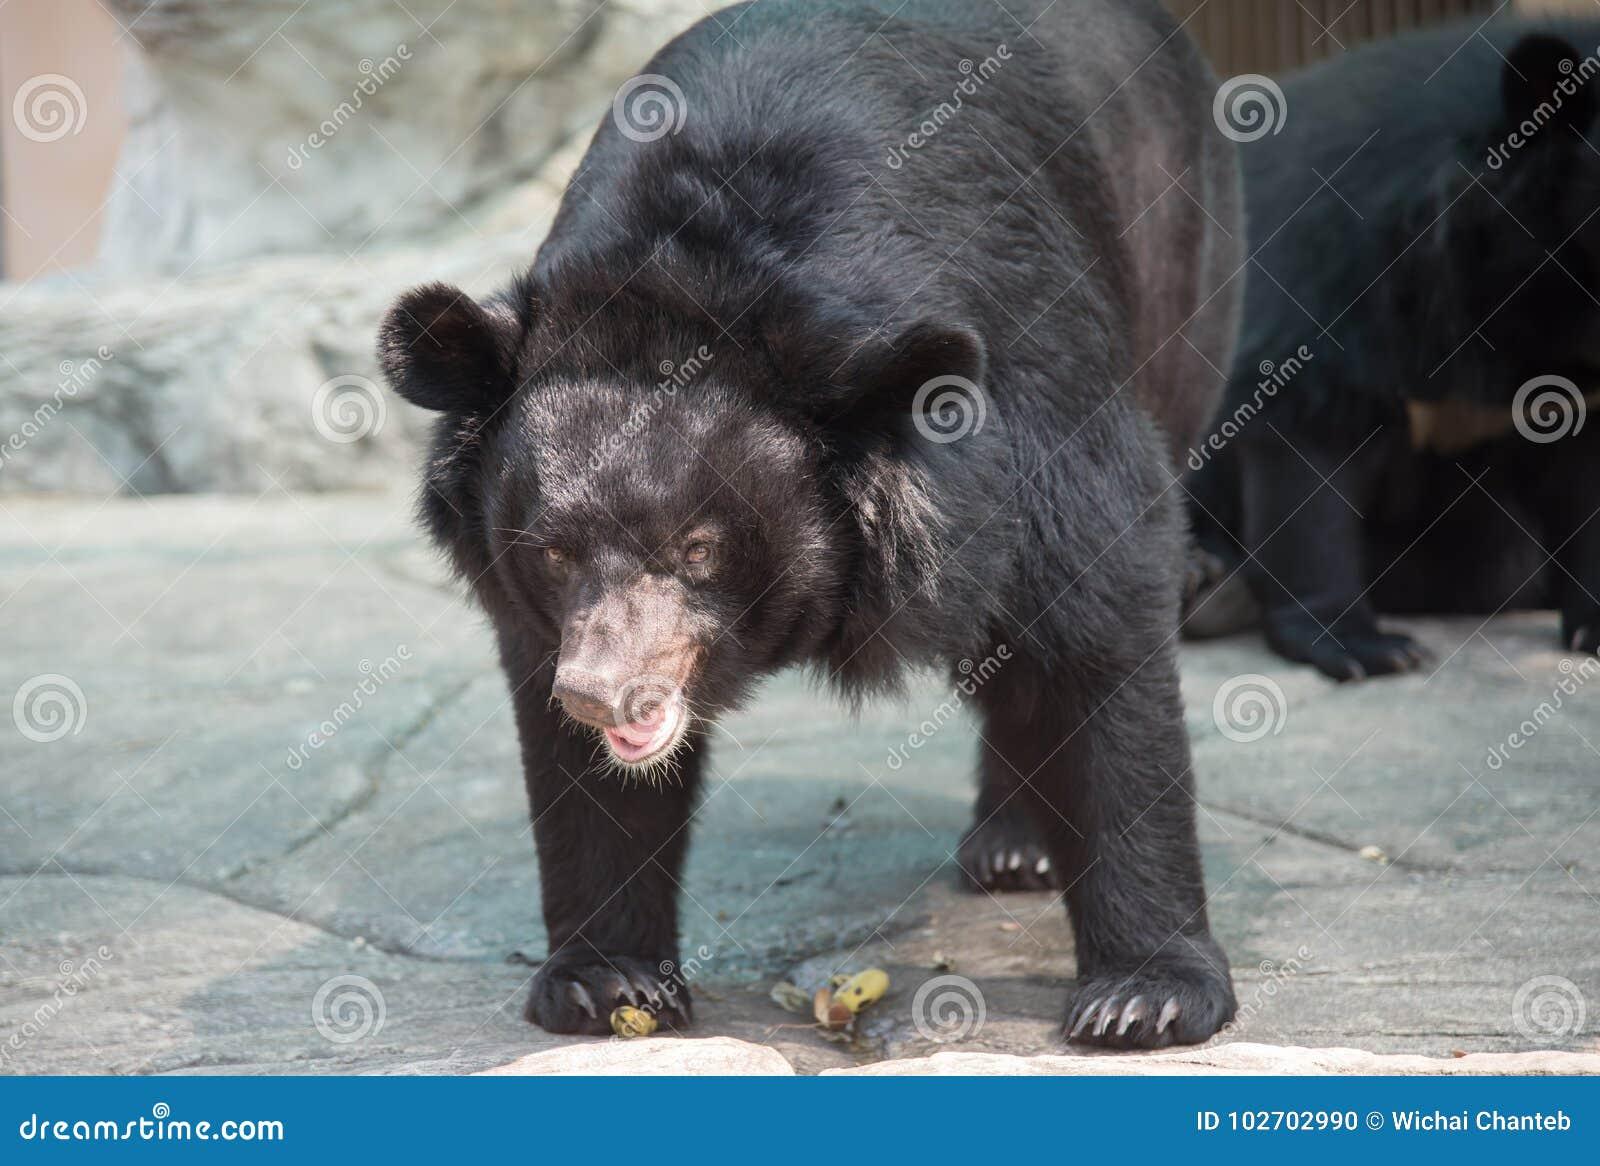 Bild eines schwarzen Bären